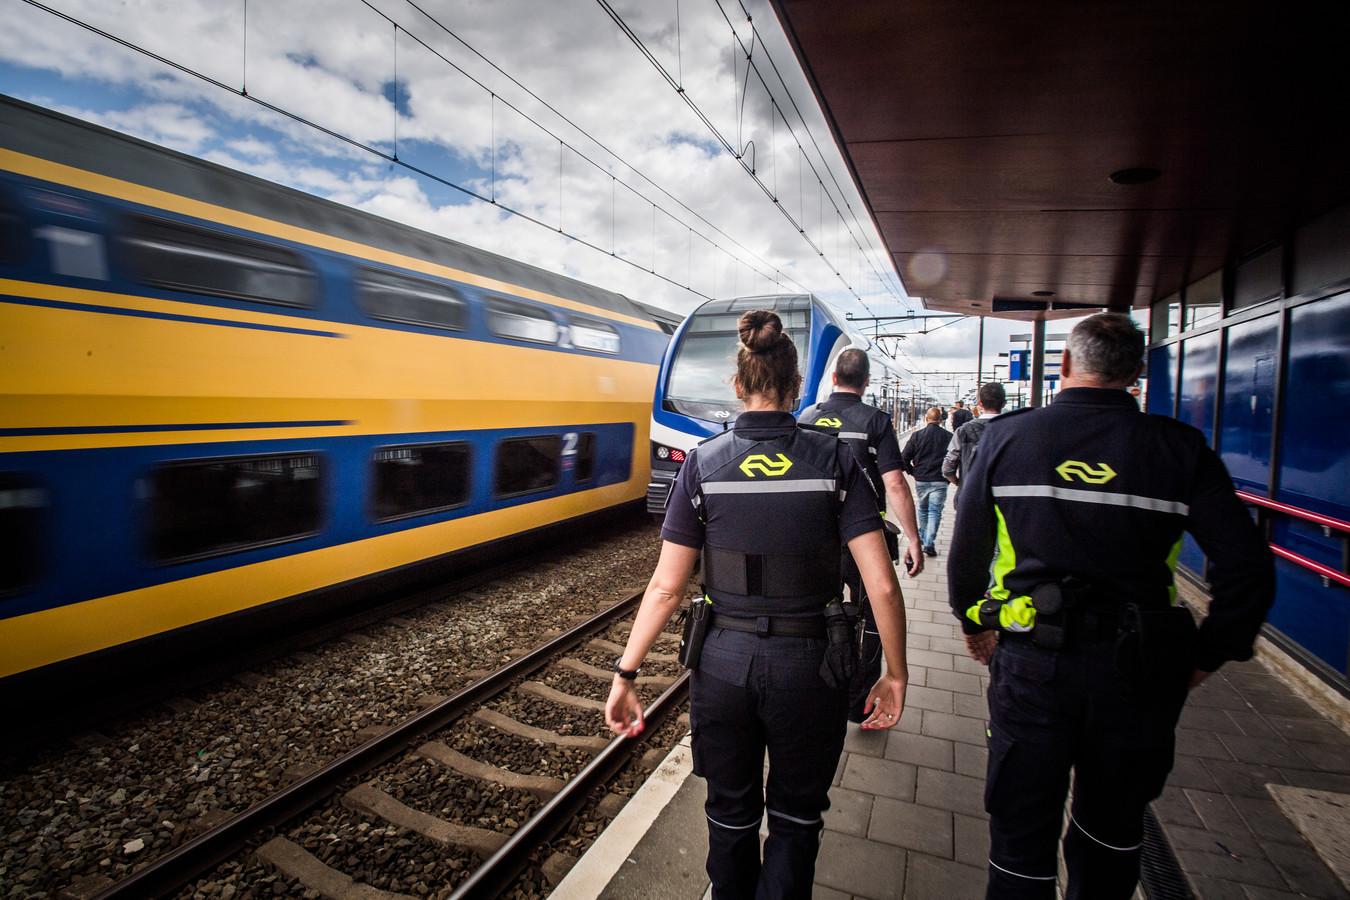 NS en politie controleren op drugs op het treinstations tussen Arnhem en Nijmegen.